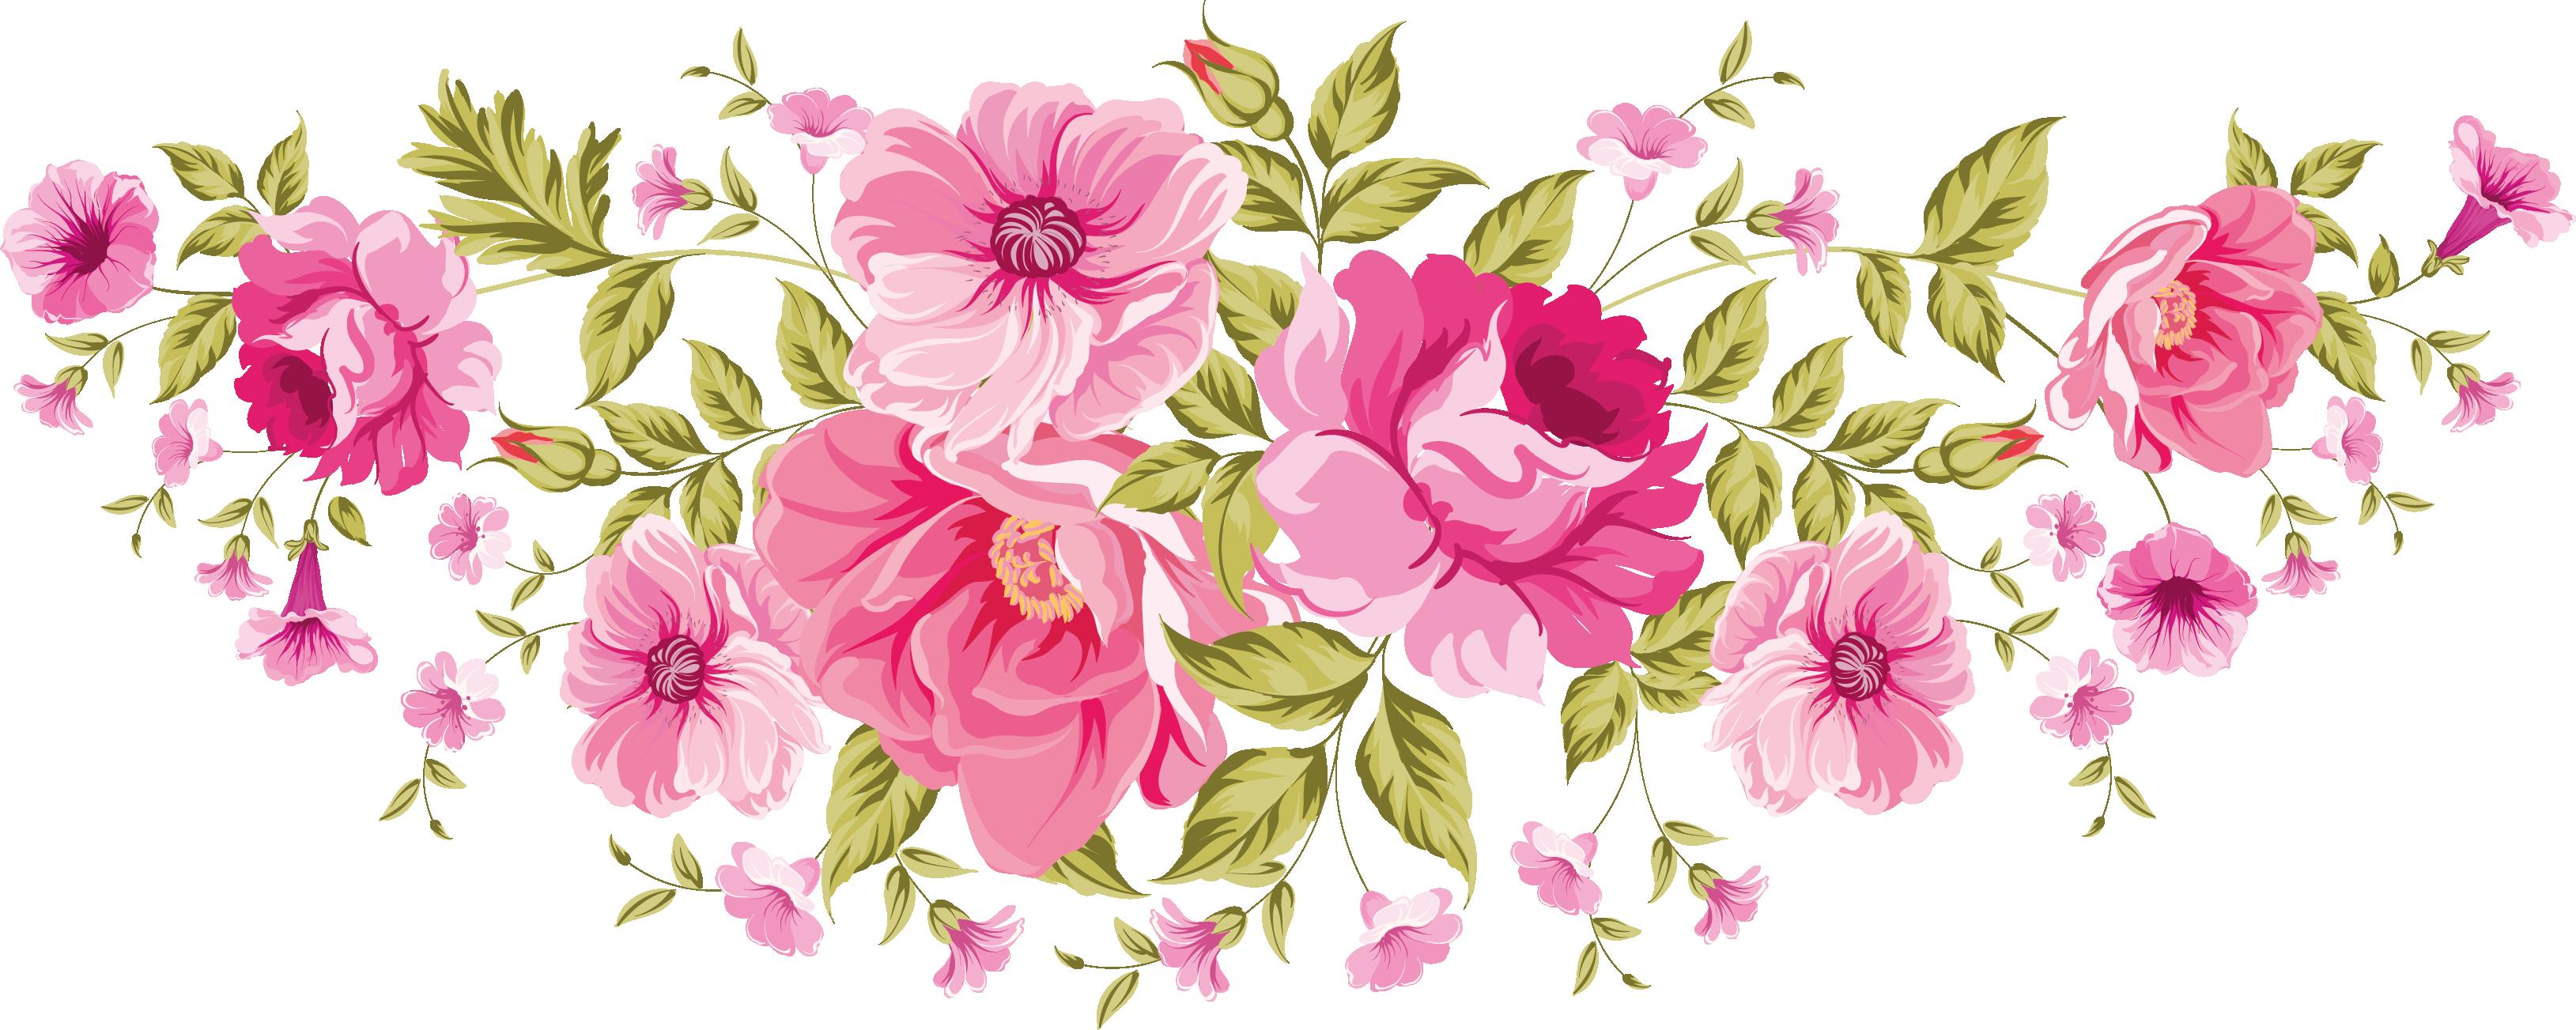 flowers / png. xxl | Ideias para escola, Ideias, Arte